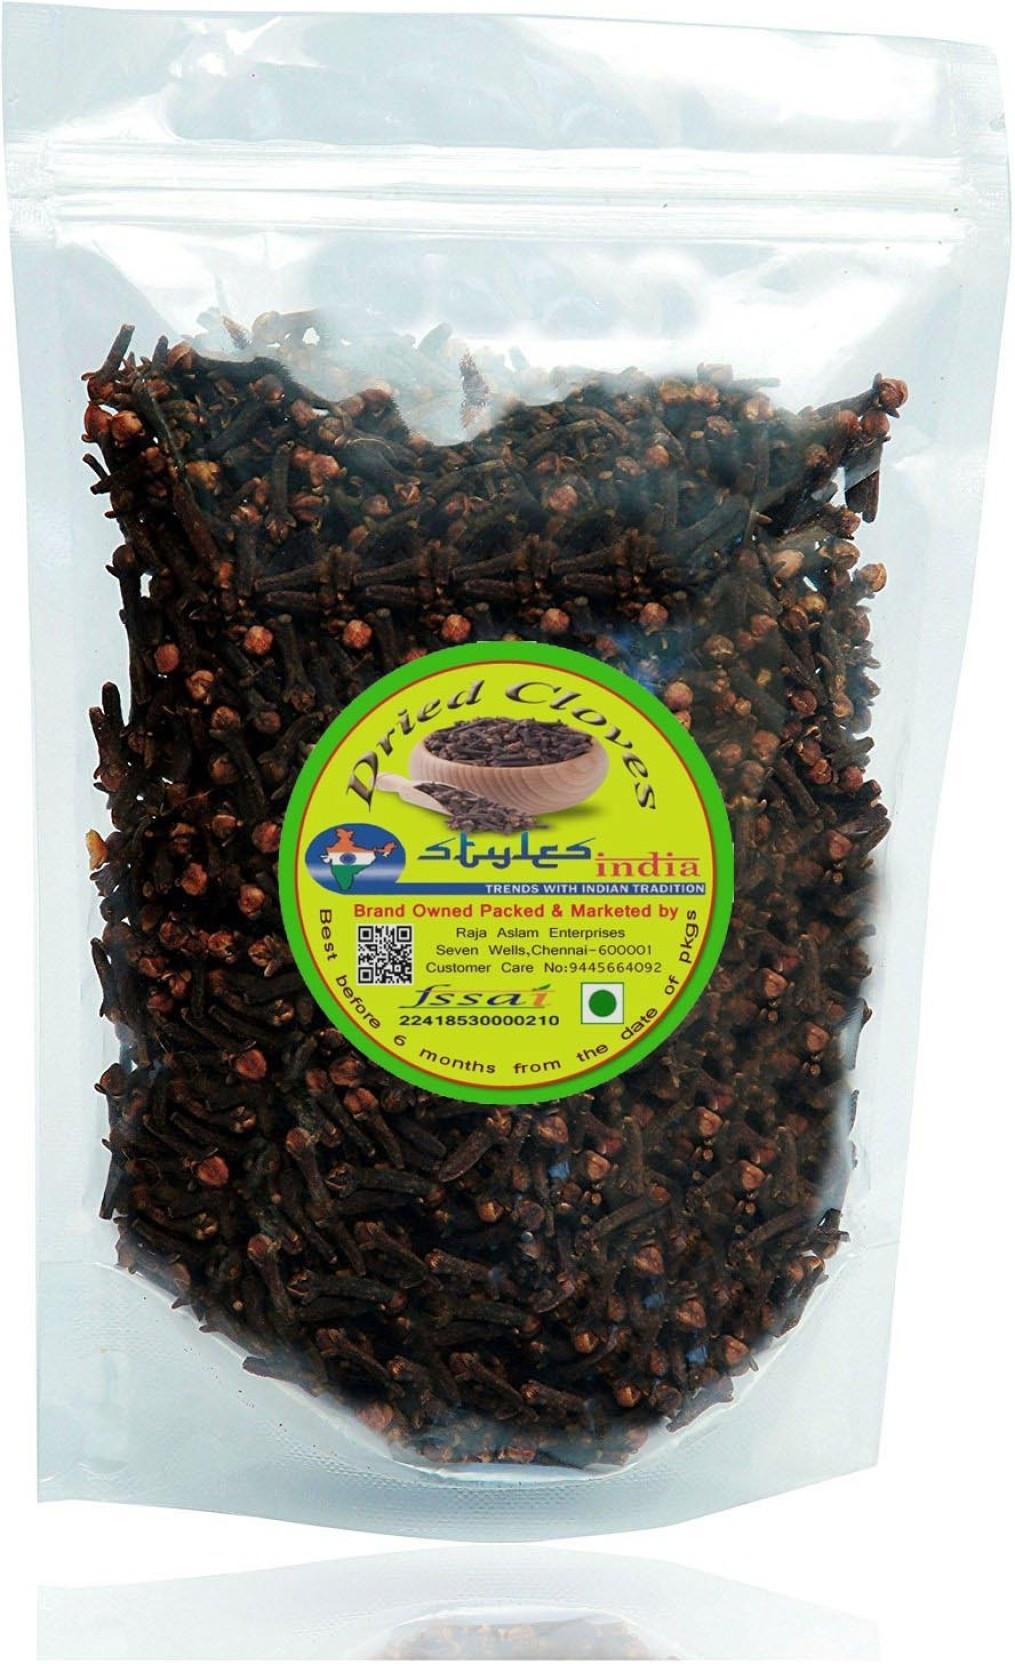 Stylesindia Cloves (Lavang Sri Lanka) Price in India - Buy